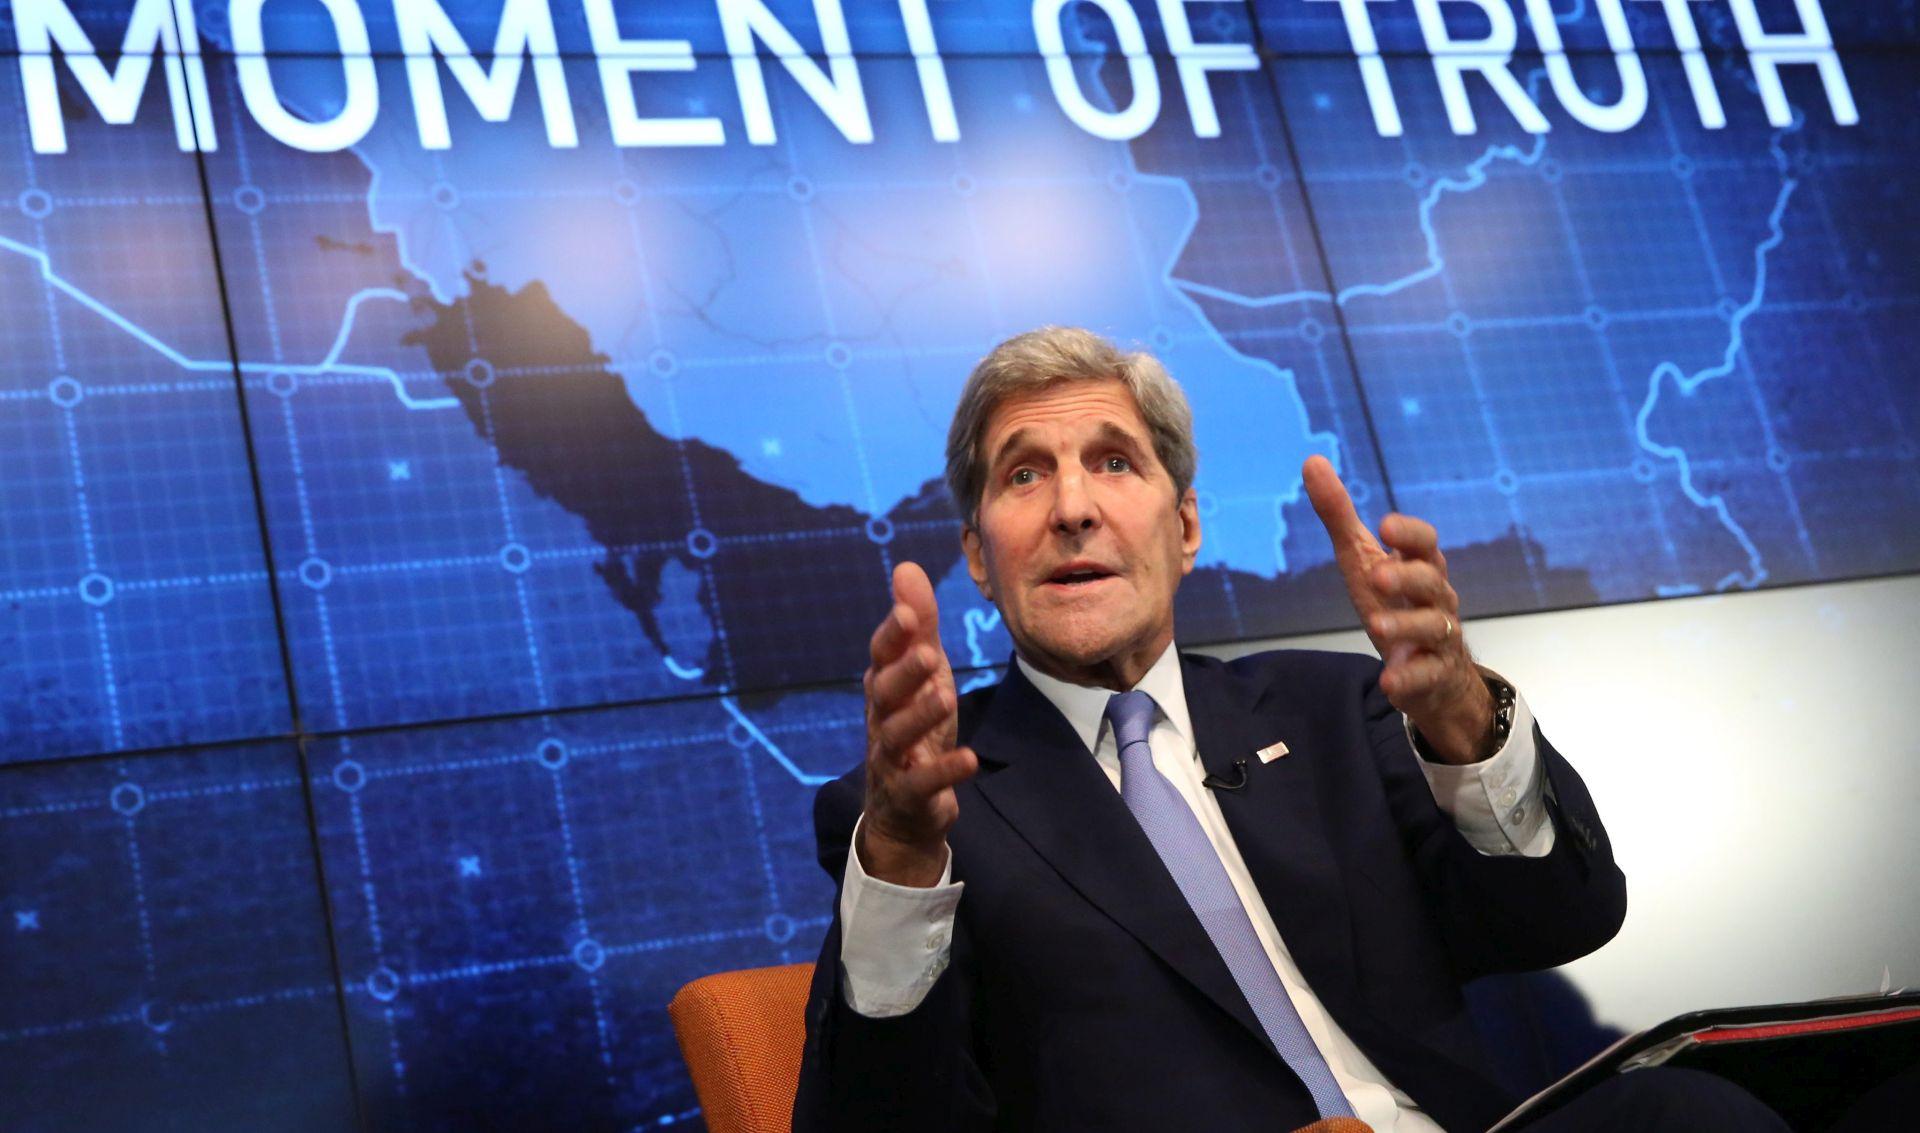 AMERIKA TRAŽI POMOĆ RUSIJE Kerry: Asad mora otići a vrijeme odlaska treba ispregovarati